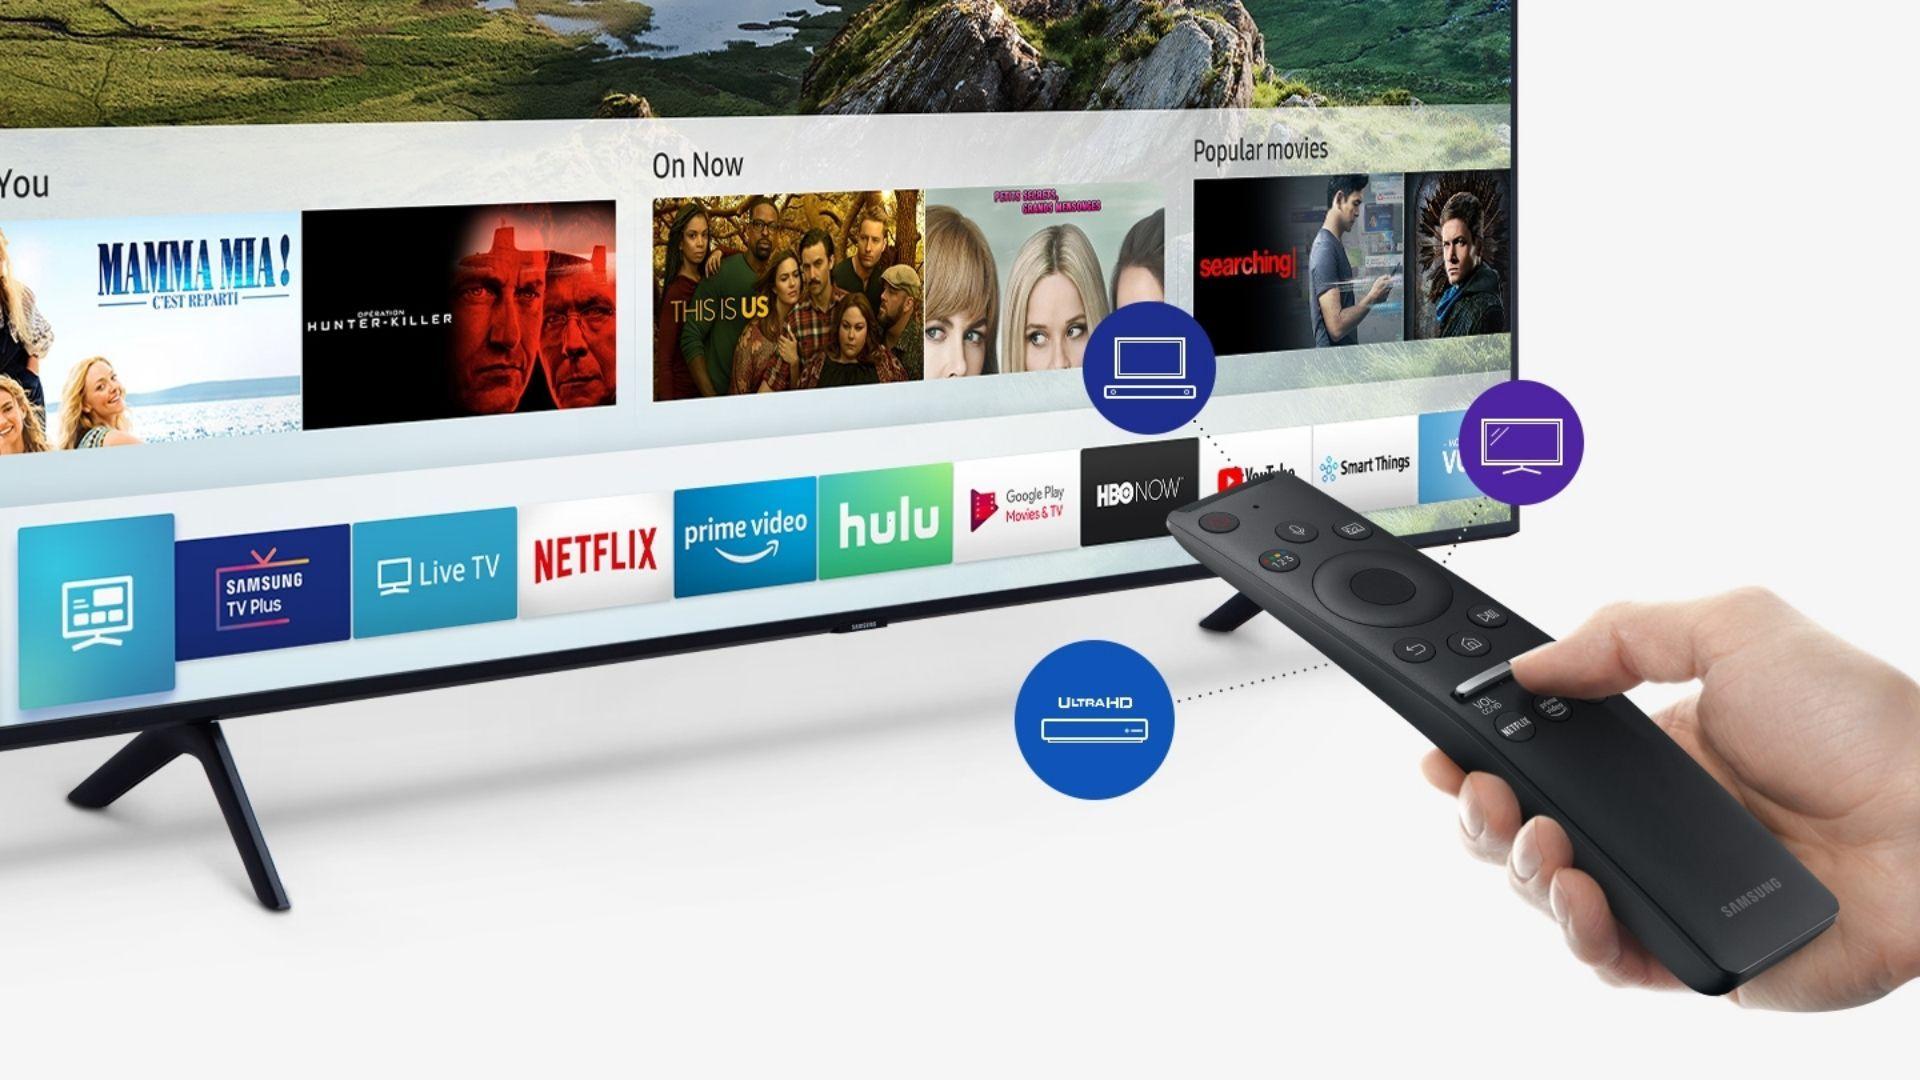 Smart TV Samsung Q60 vem com tecnologia QLED de tela e é capaz de controlar diversos aparelhos inteligentes através da Bixby, assistente pessoal da Samsung. (Imagem: Reprodução/Samsung)